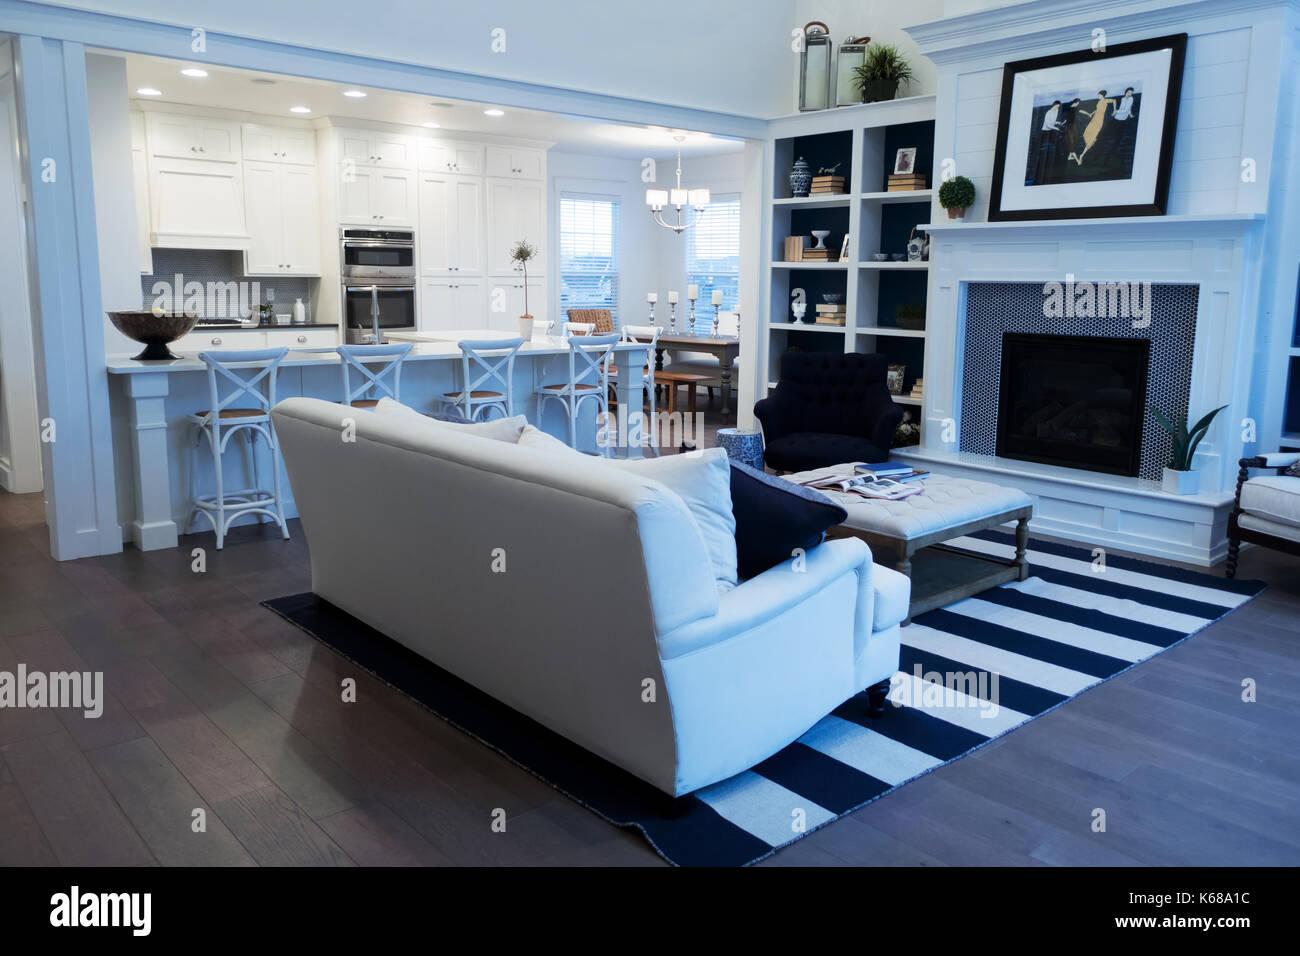 Ein Offenes Wohnzimmer Mit Offener Küche, Eingebaute Bücherregale, Kamin  Und Weißen Couch Suchen.